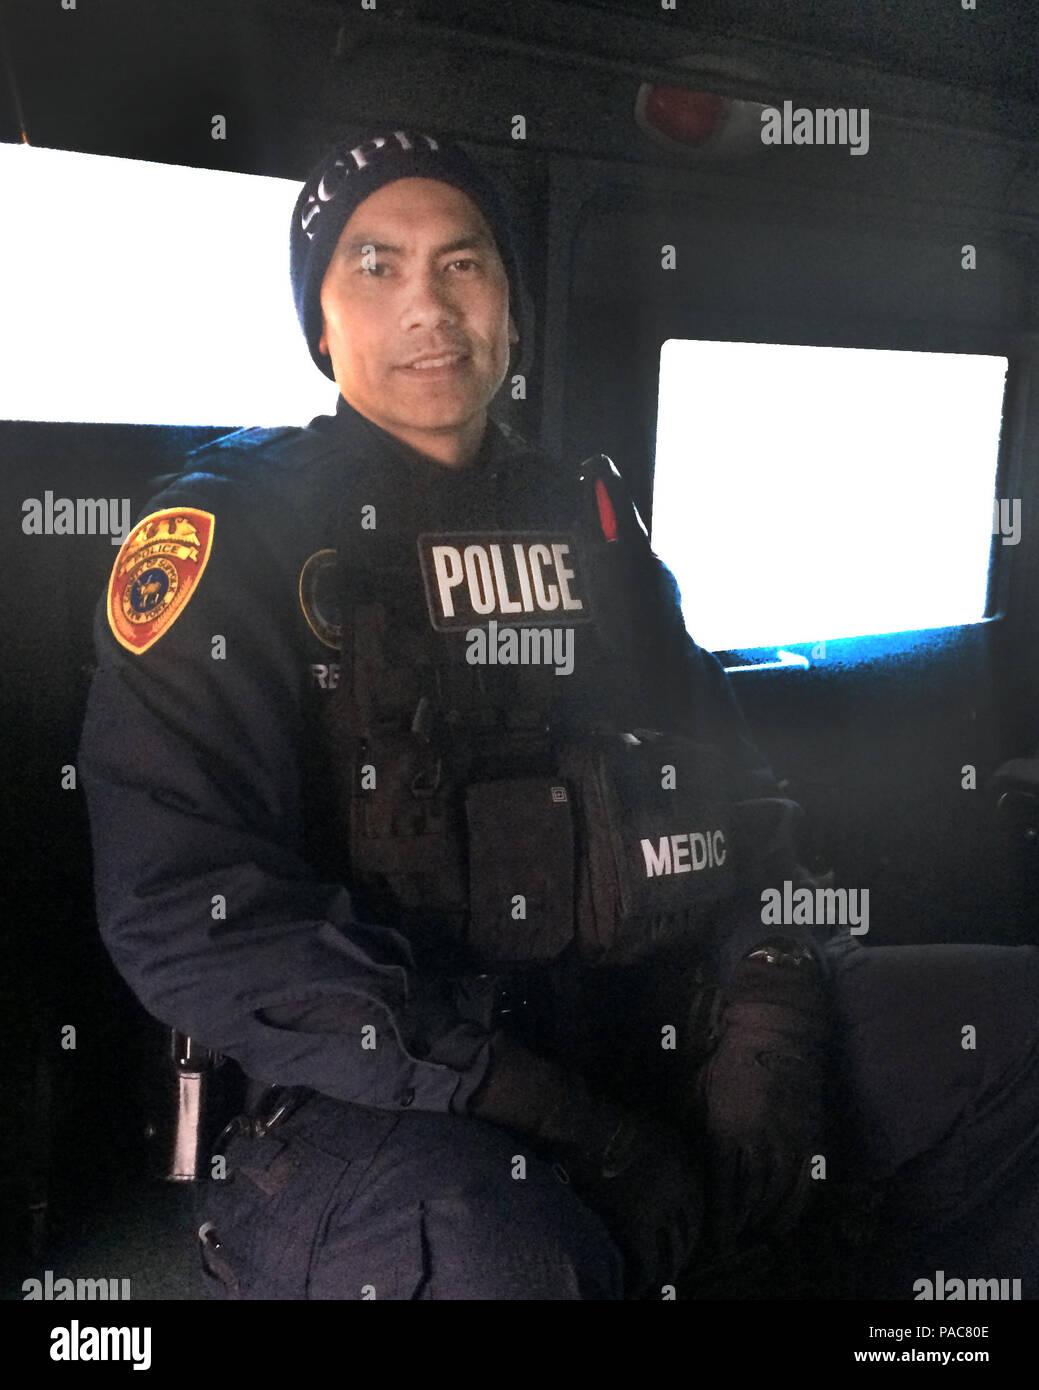 Dies Ist Polizist Arnold Reyes Auf Dem Job Mit Der Suffolk County